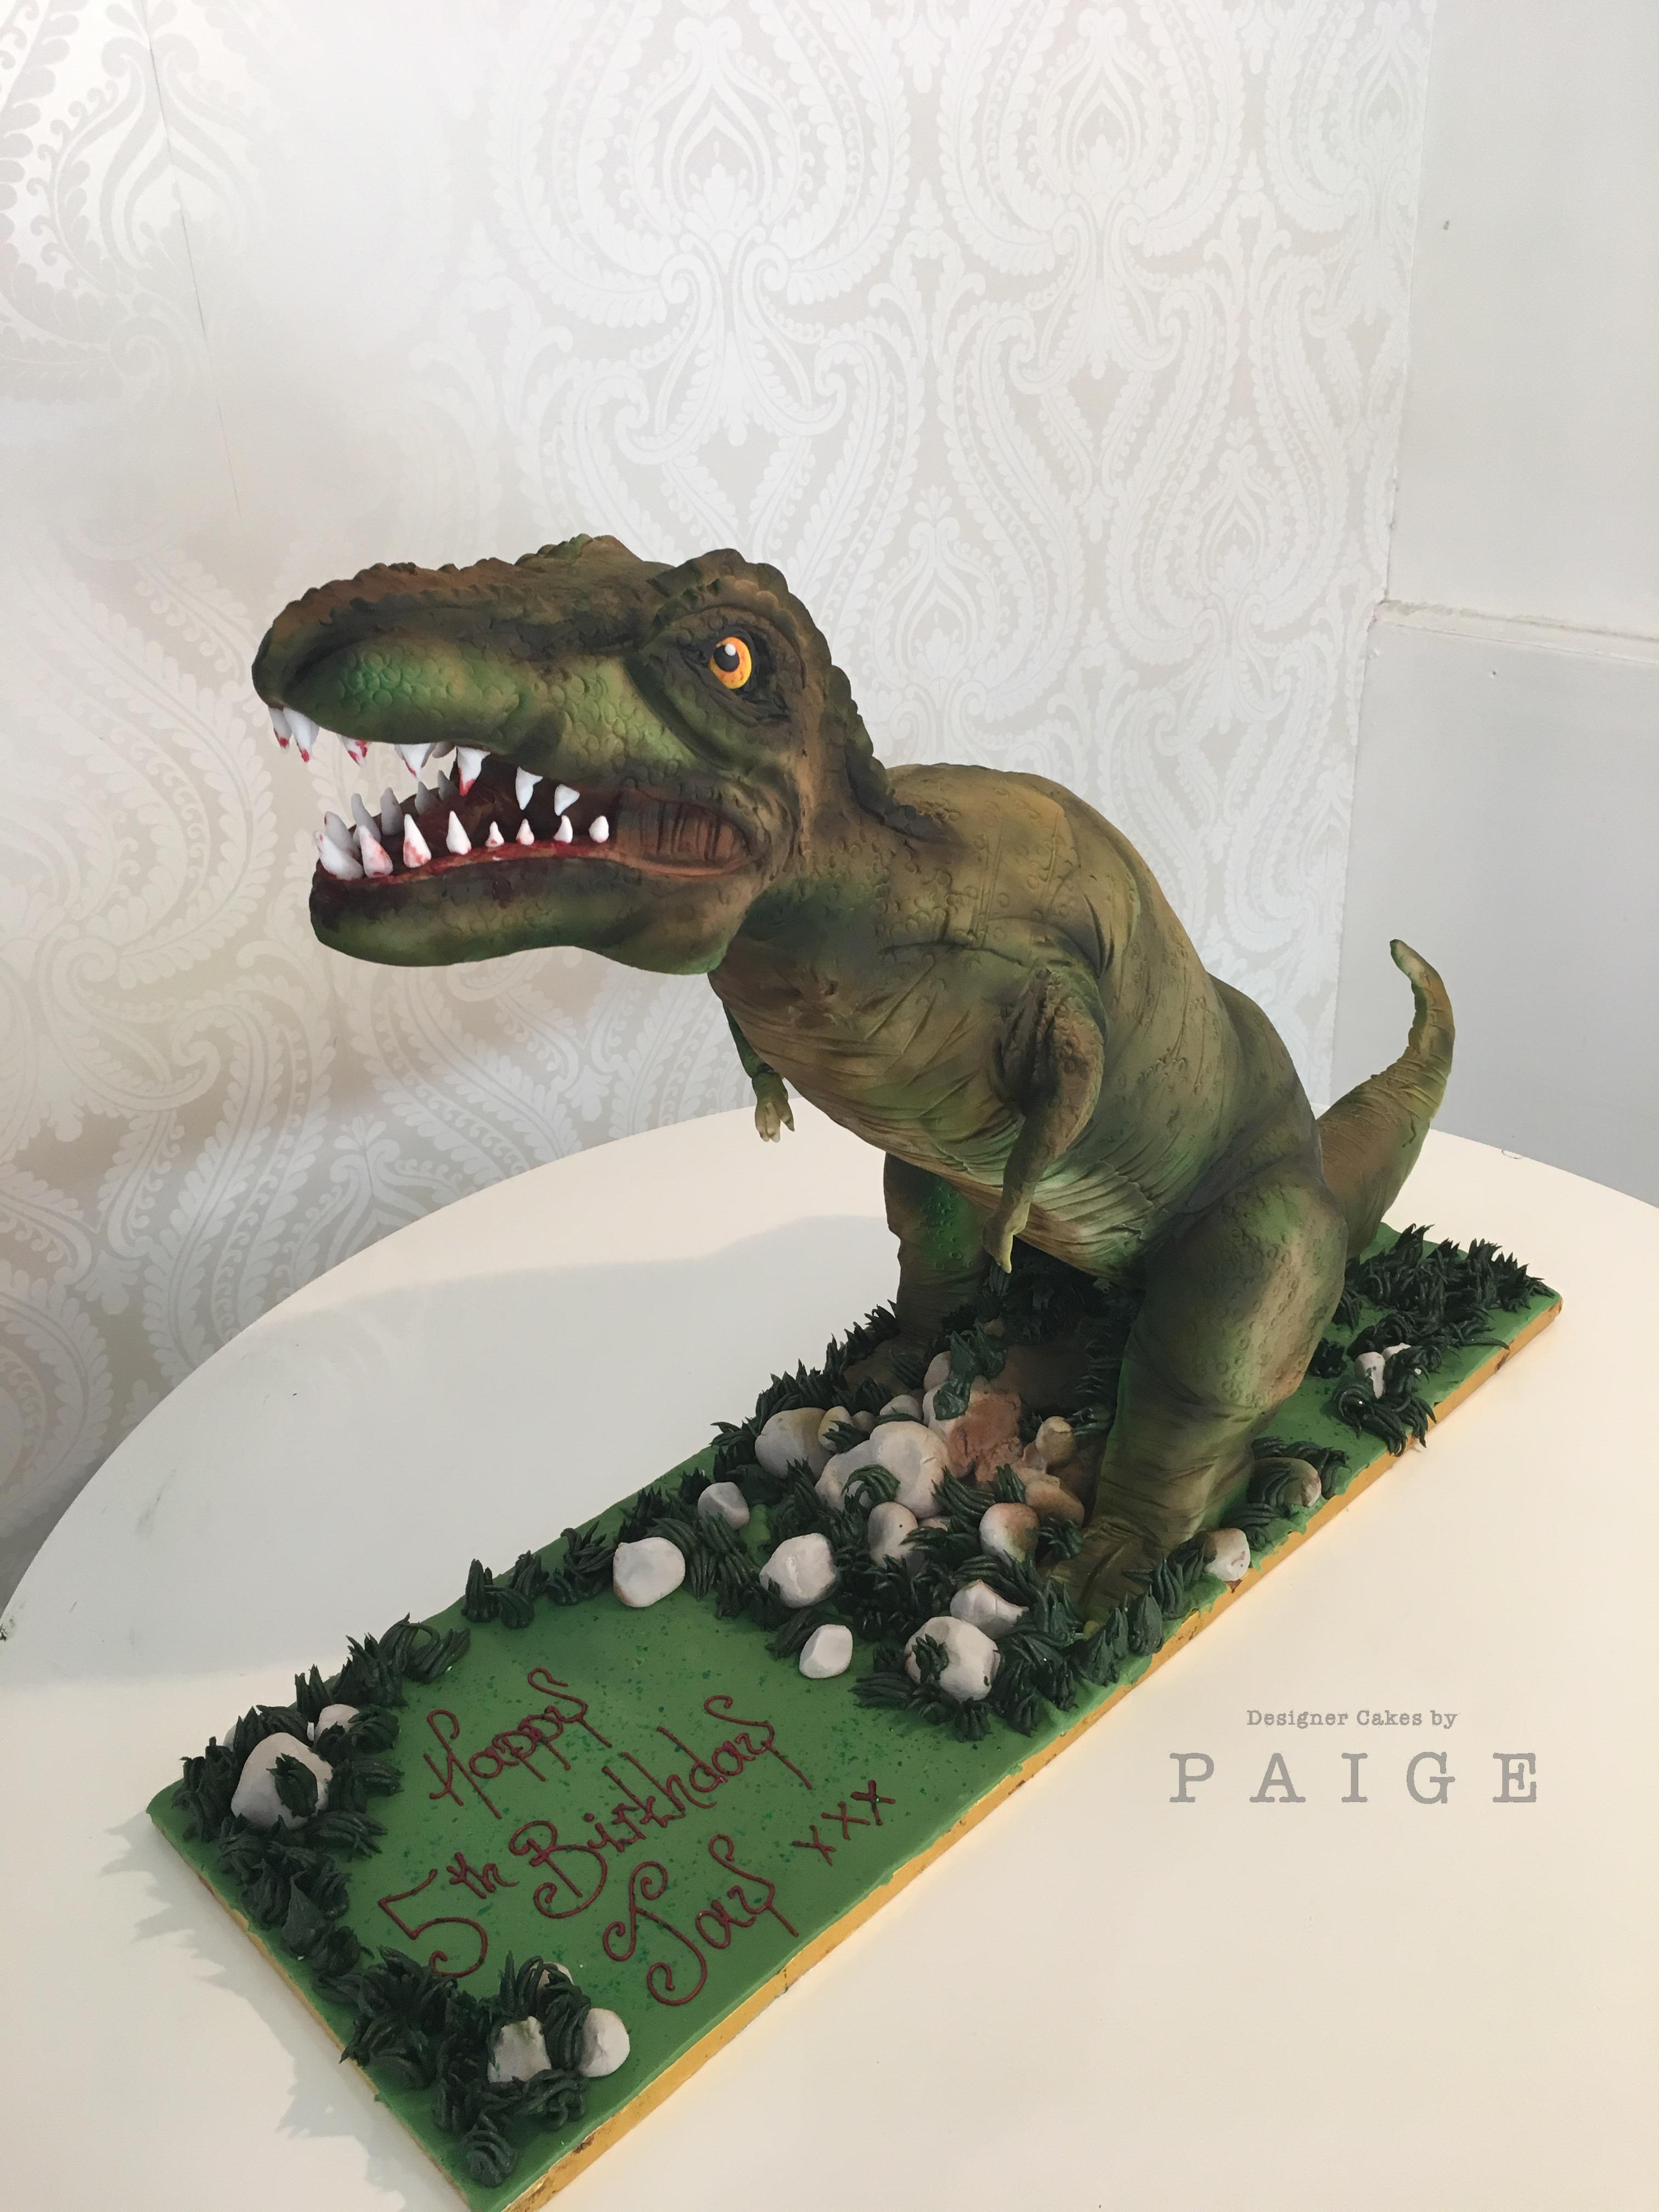 3D TRex Designer Cakes by Paige